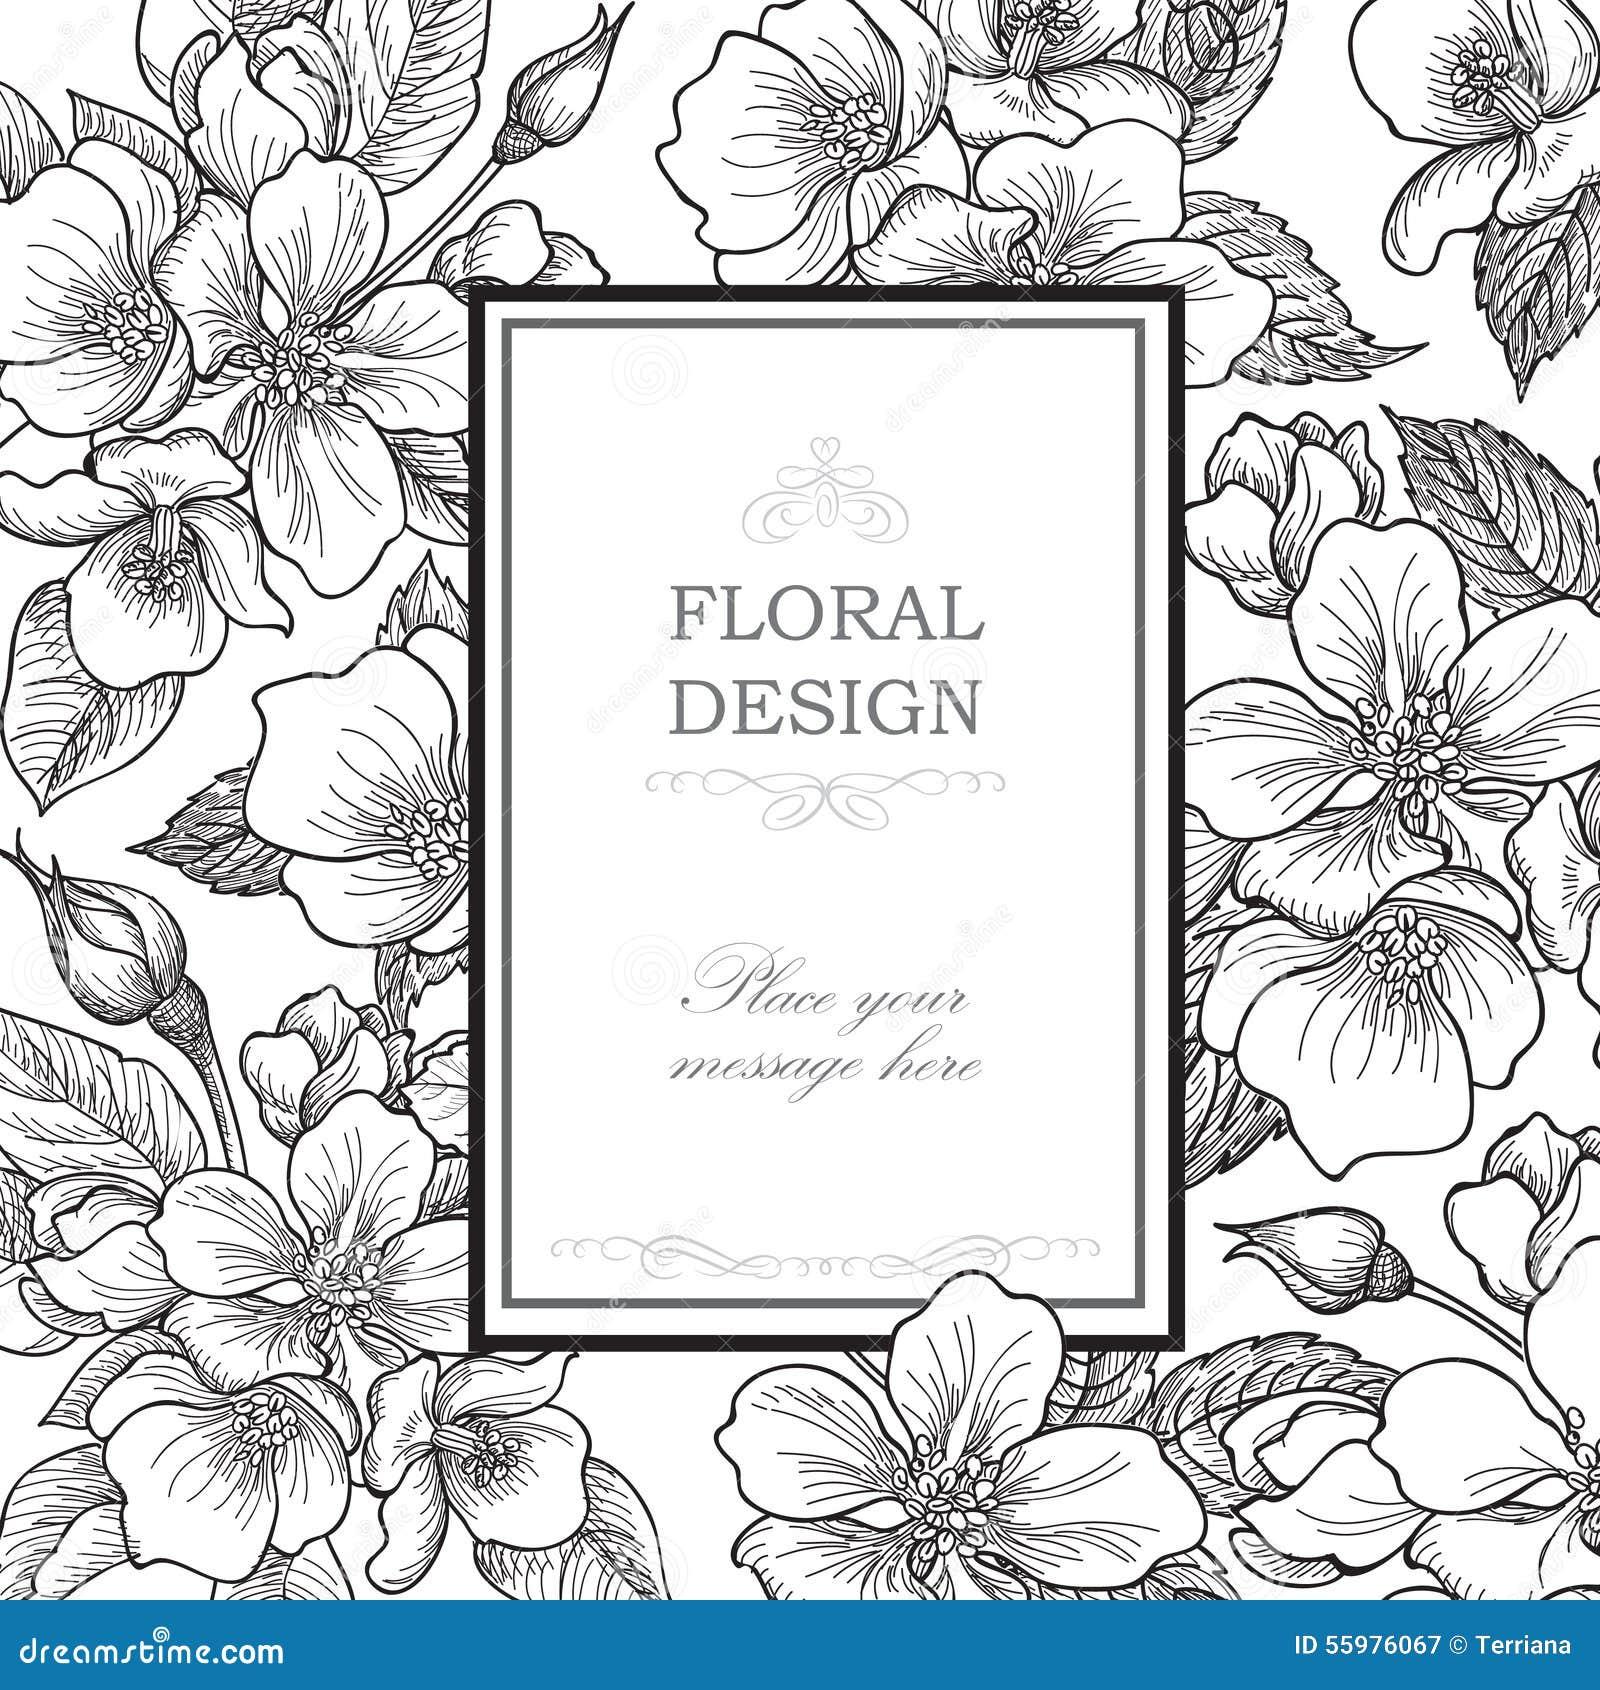 Floral background. Flower bouquet vintage cover. Flourish card w